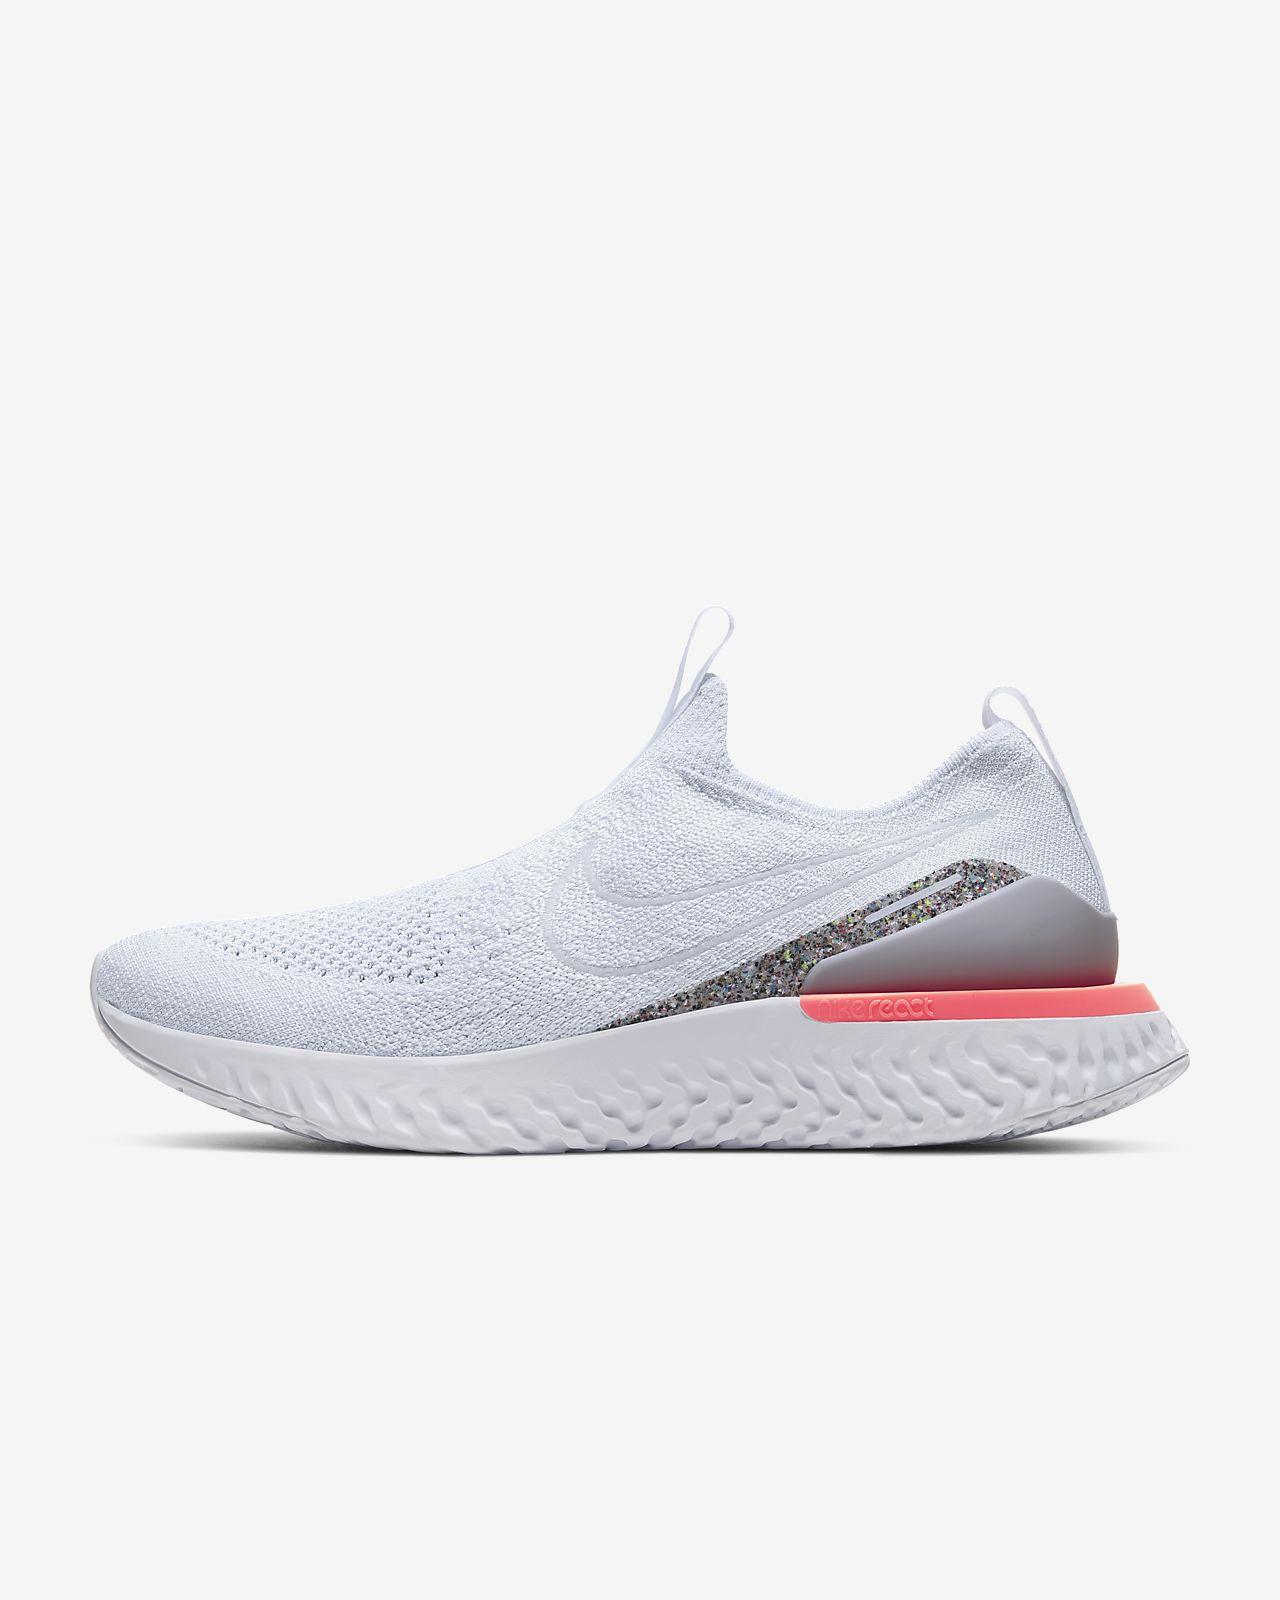 Löparsko Nike Epic Phantom React Flyknit Icon Clash för kvinnor